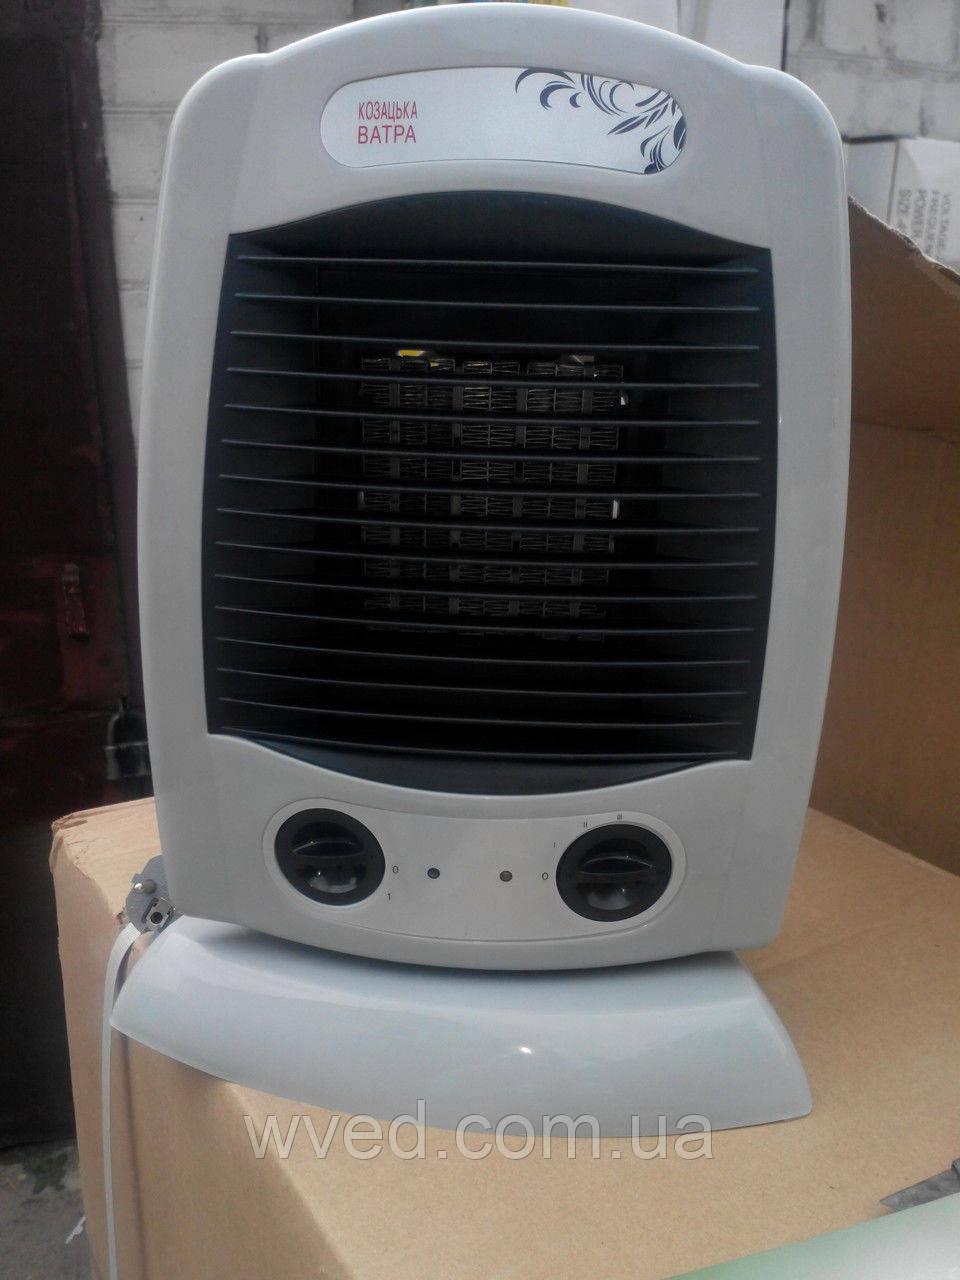 Тепловентилятор Козацька ватра керамический поворотный